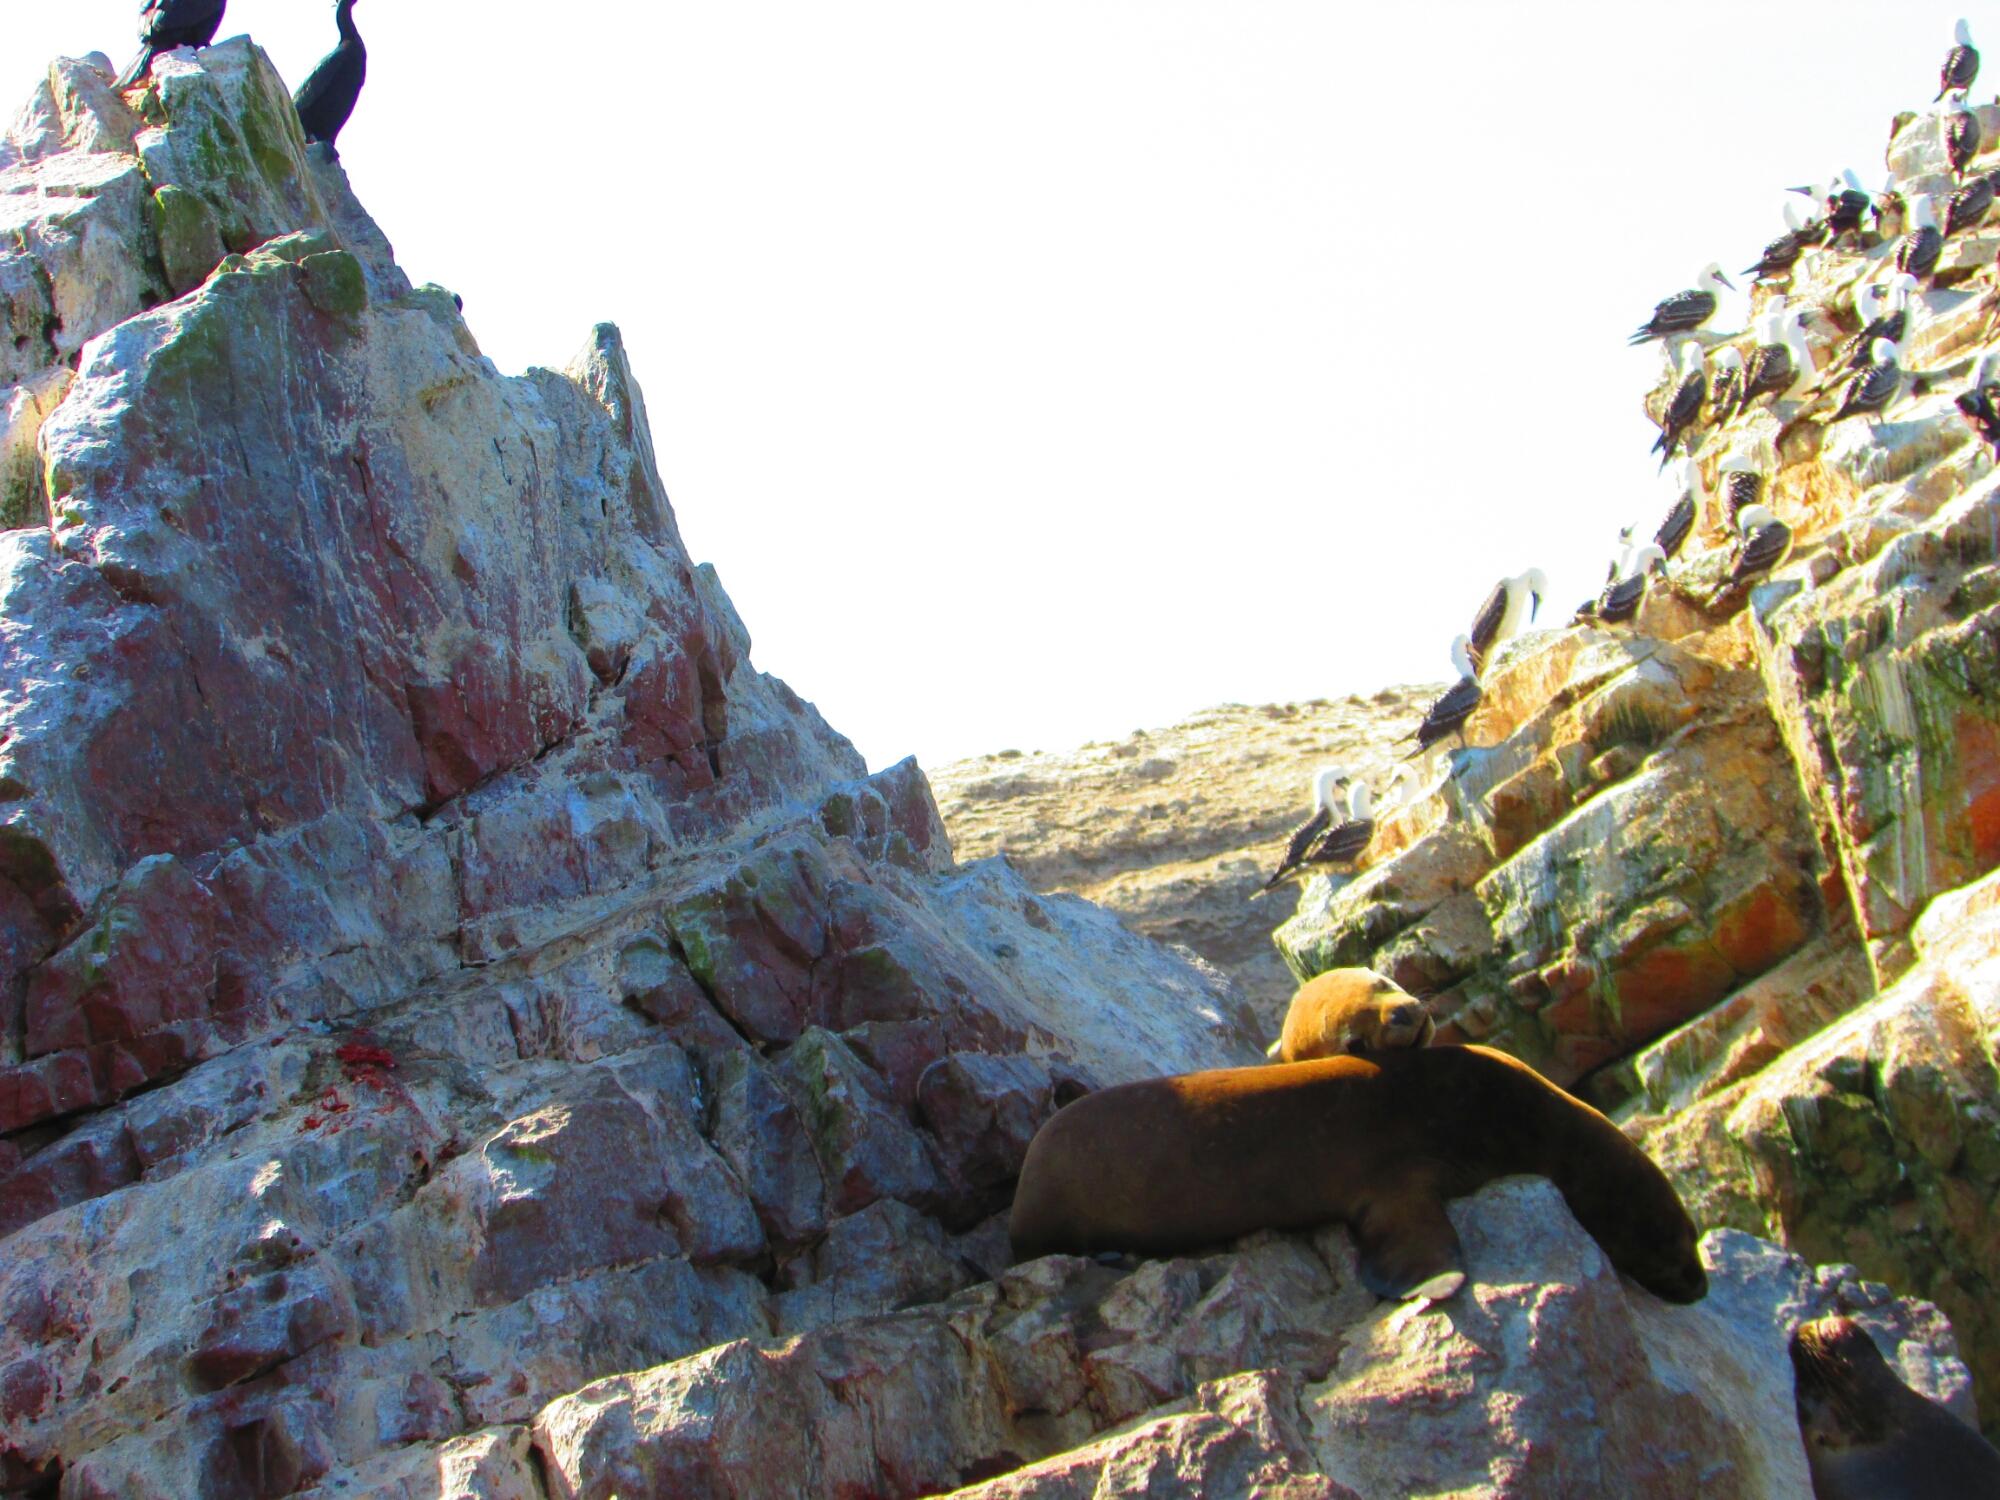 lobos marinos, rocas y aves en Isla Ballesta en Paracas, Perú